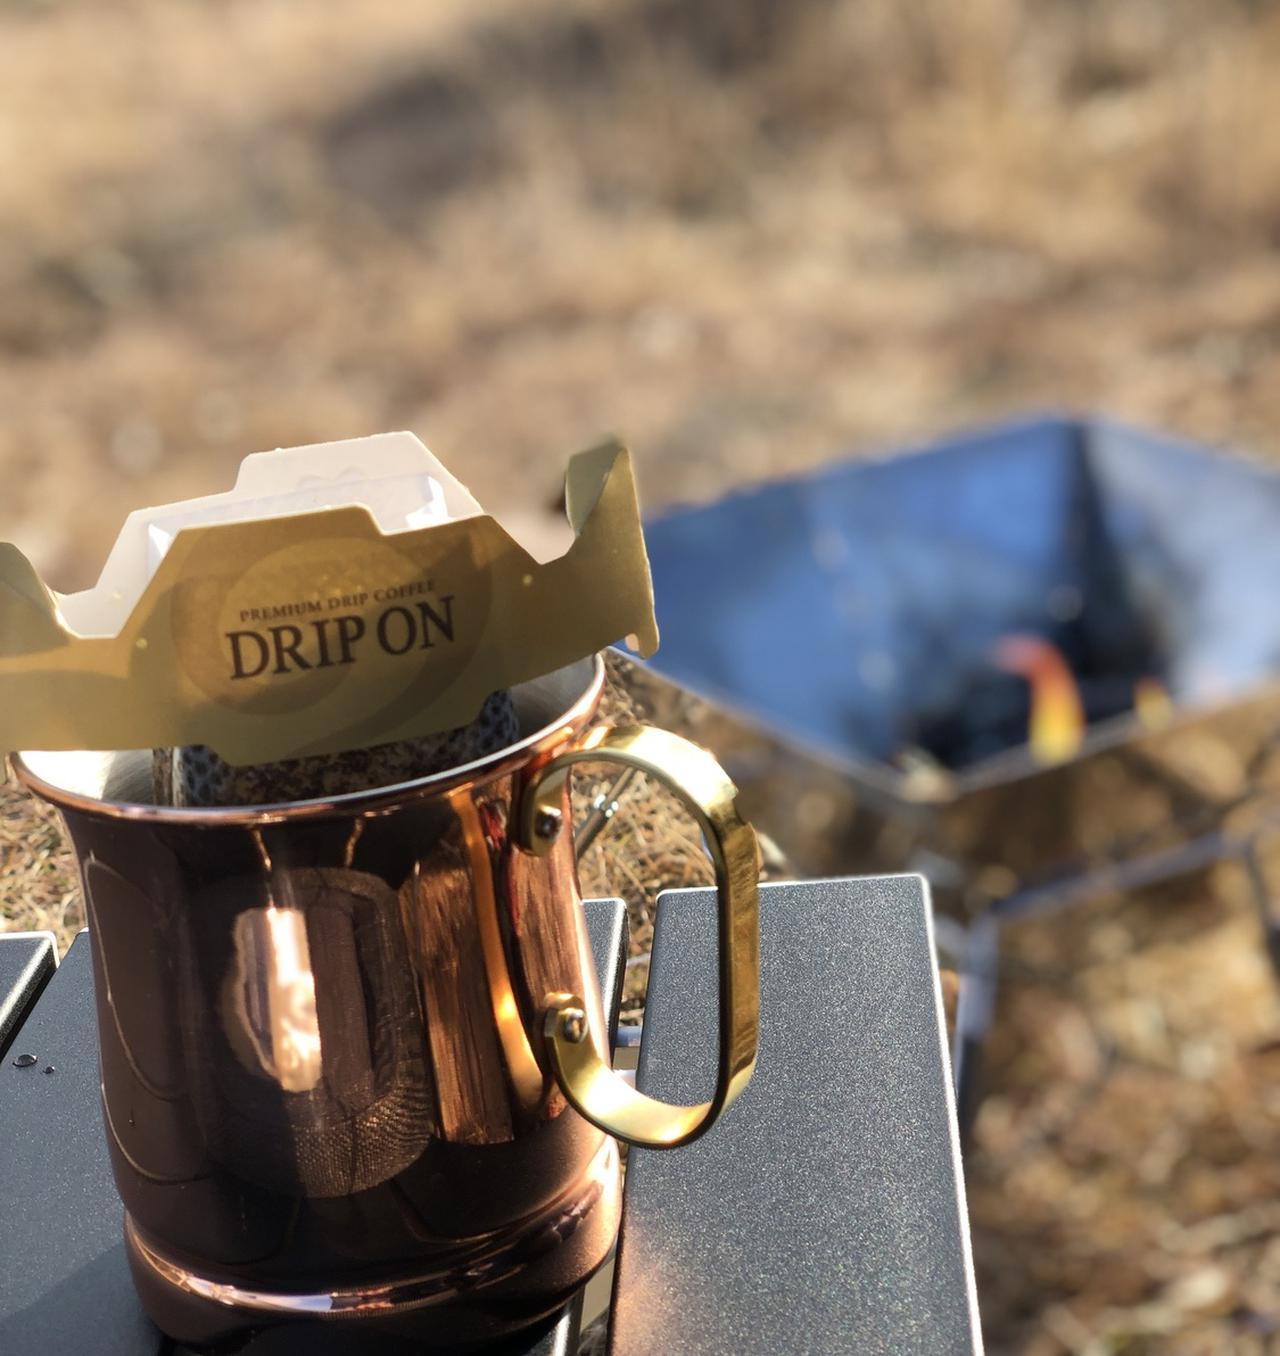 画像2: 「マグカップ」はキャンプに必要? 筆者の答えは〝必須〟 紙コップでは見た目も味気ない&ゴミも出る